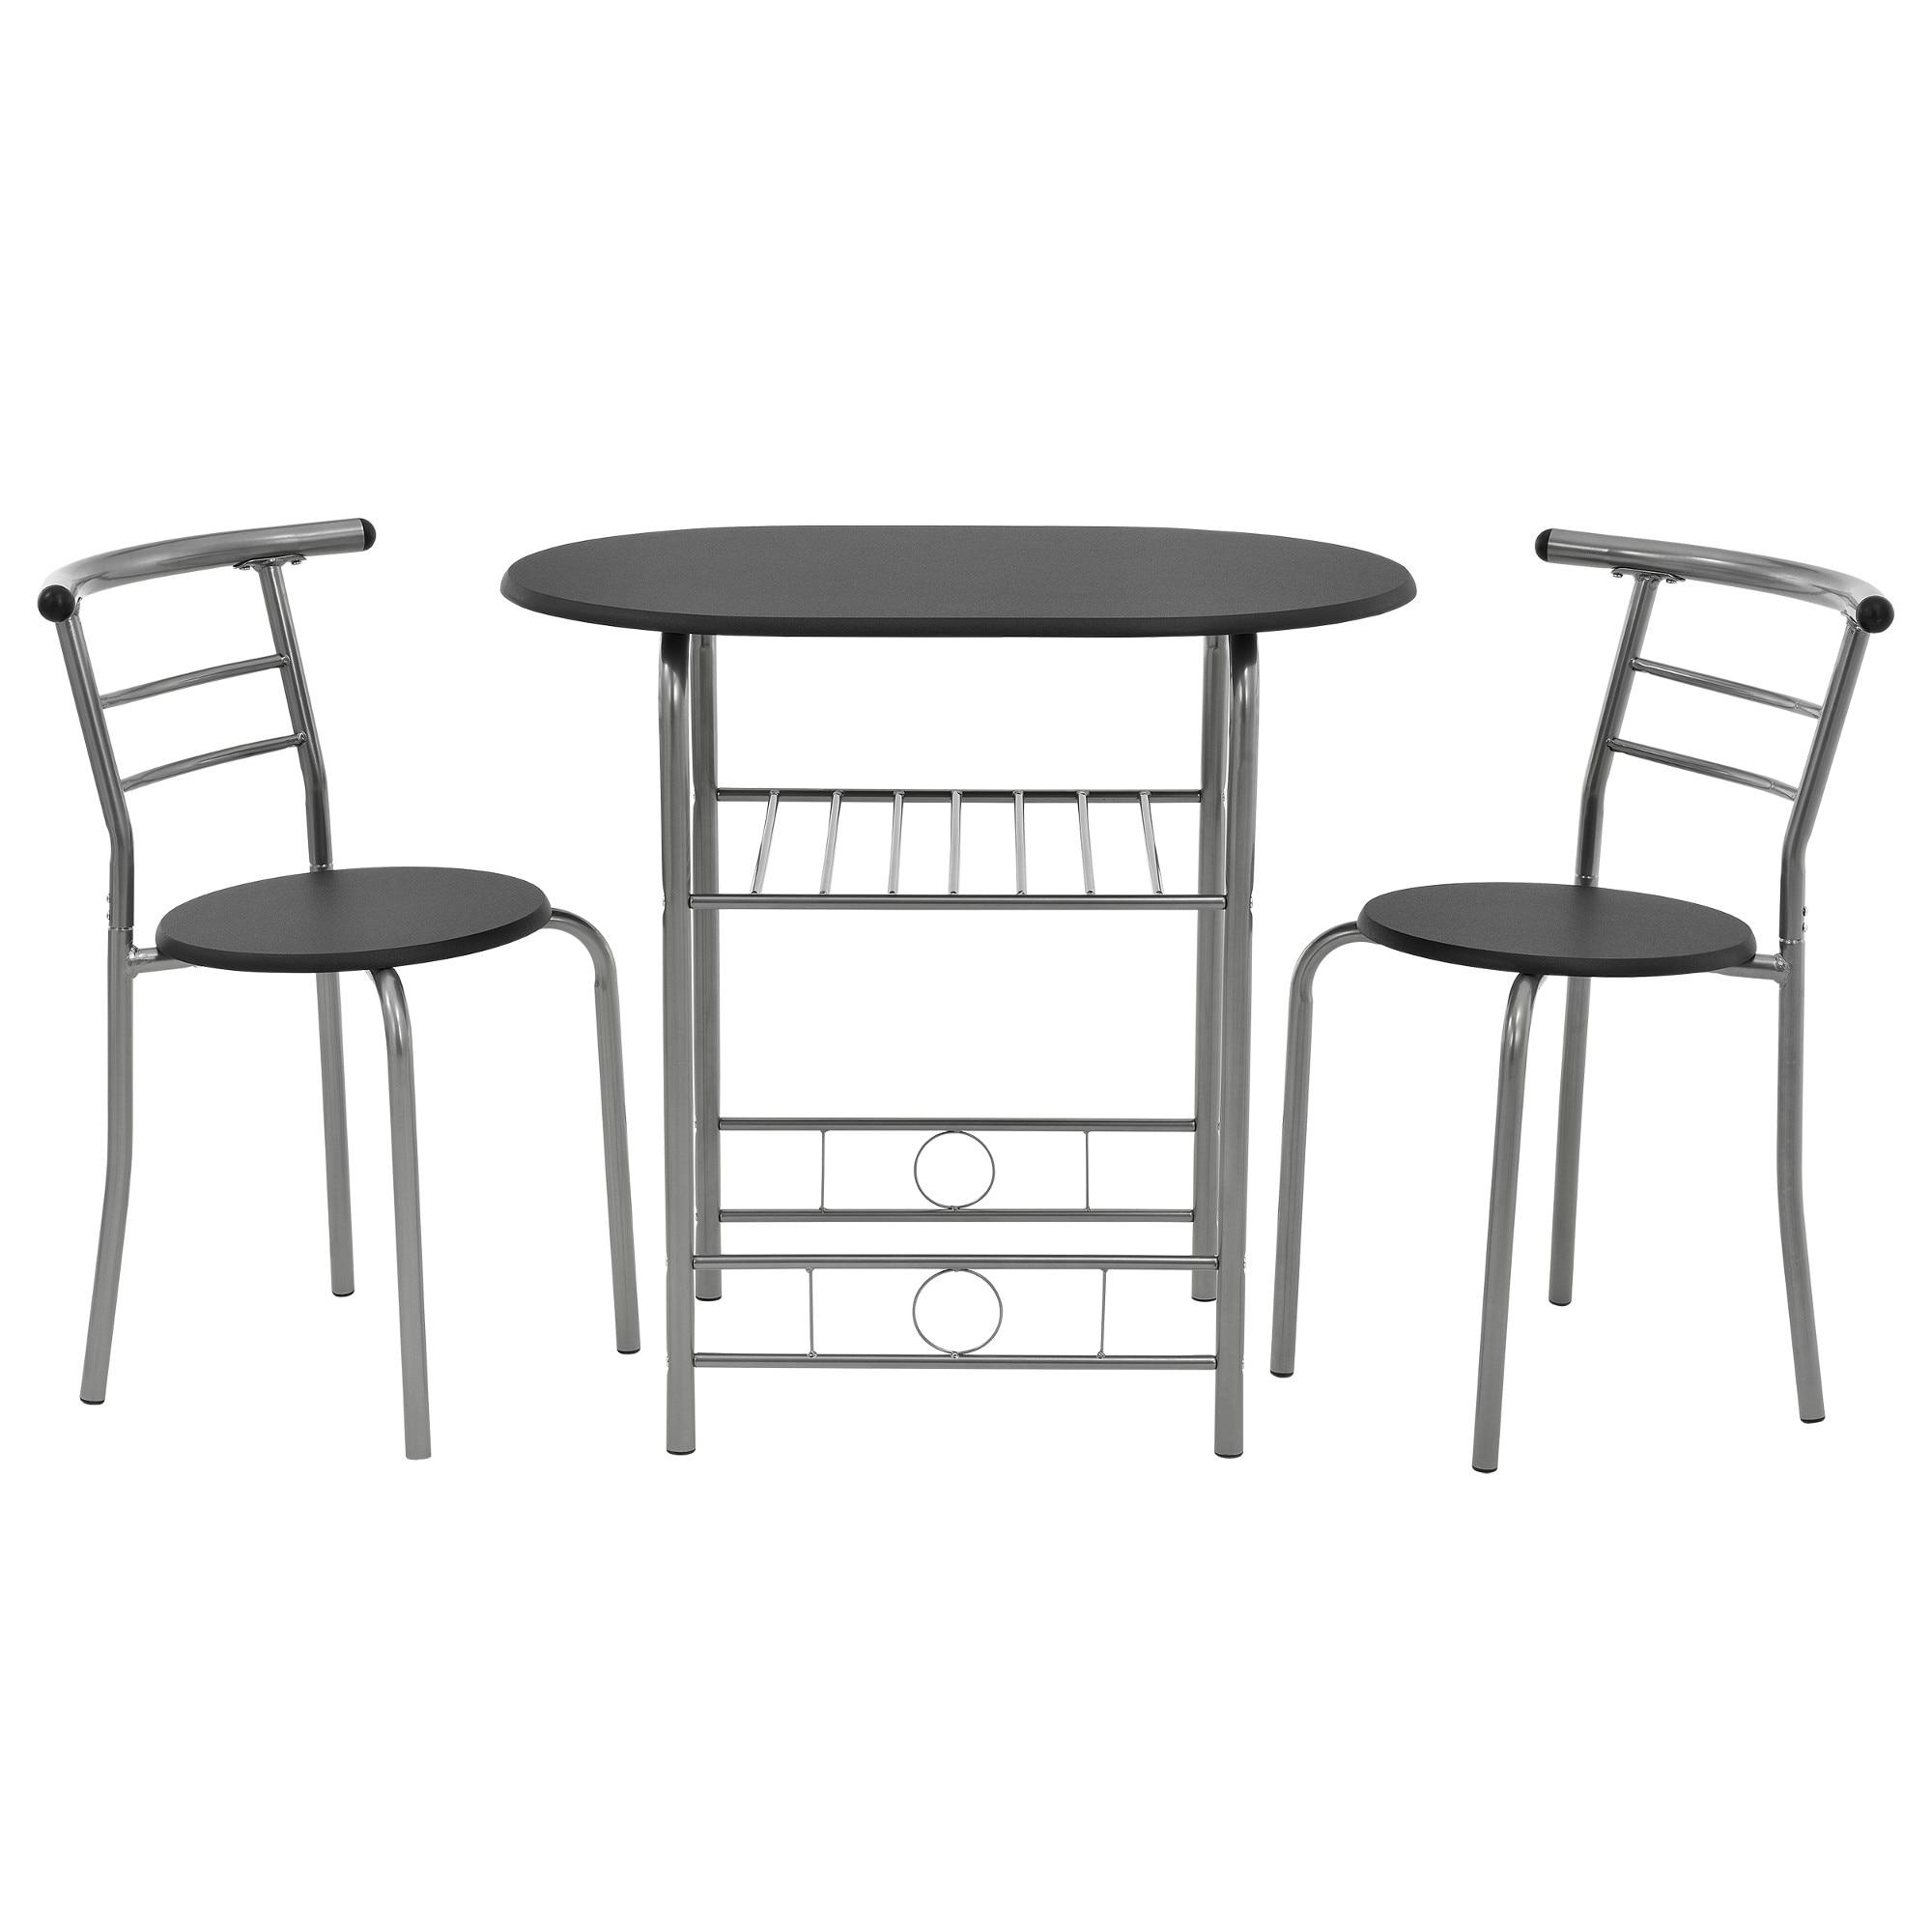 design összetolható bisztro asztal székekkel